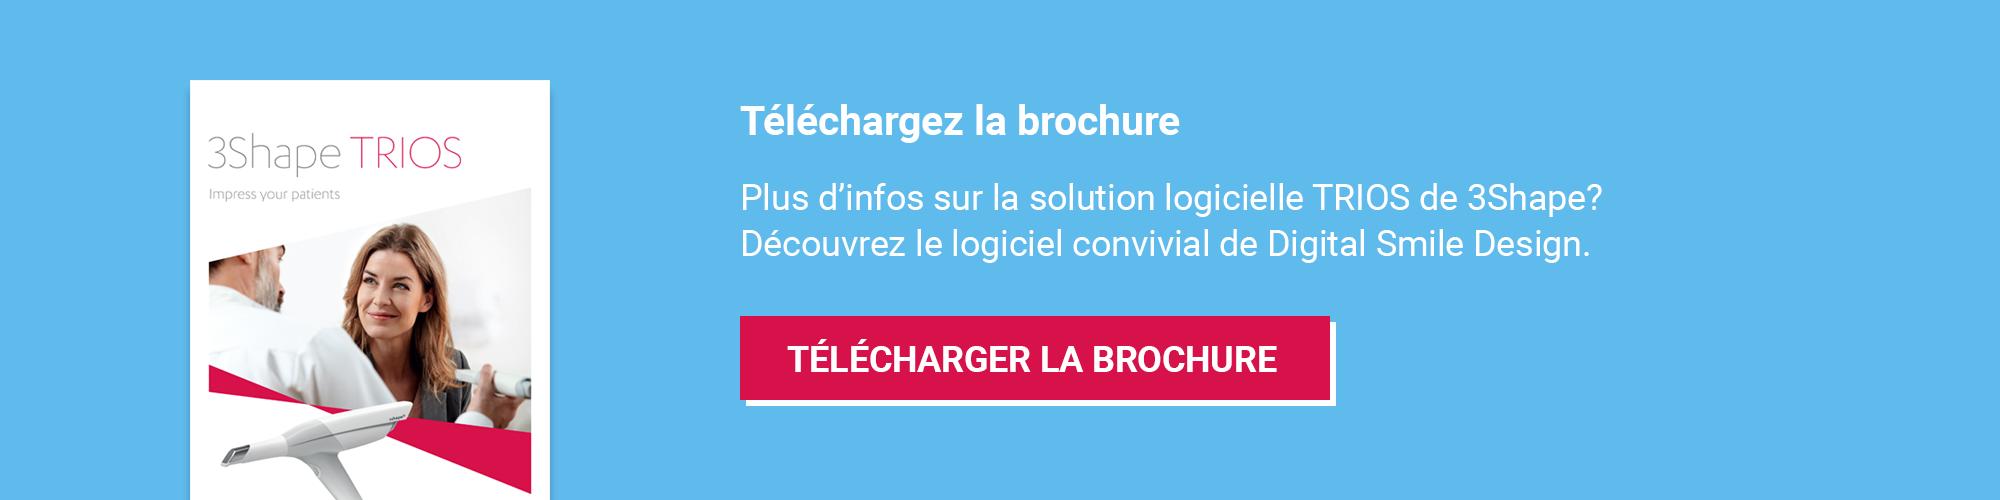 Téléchargez la brochure 3Shape TRIOS